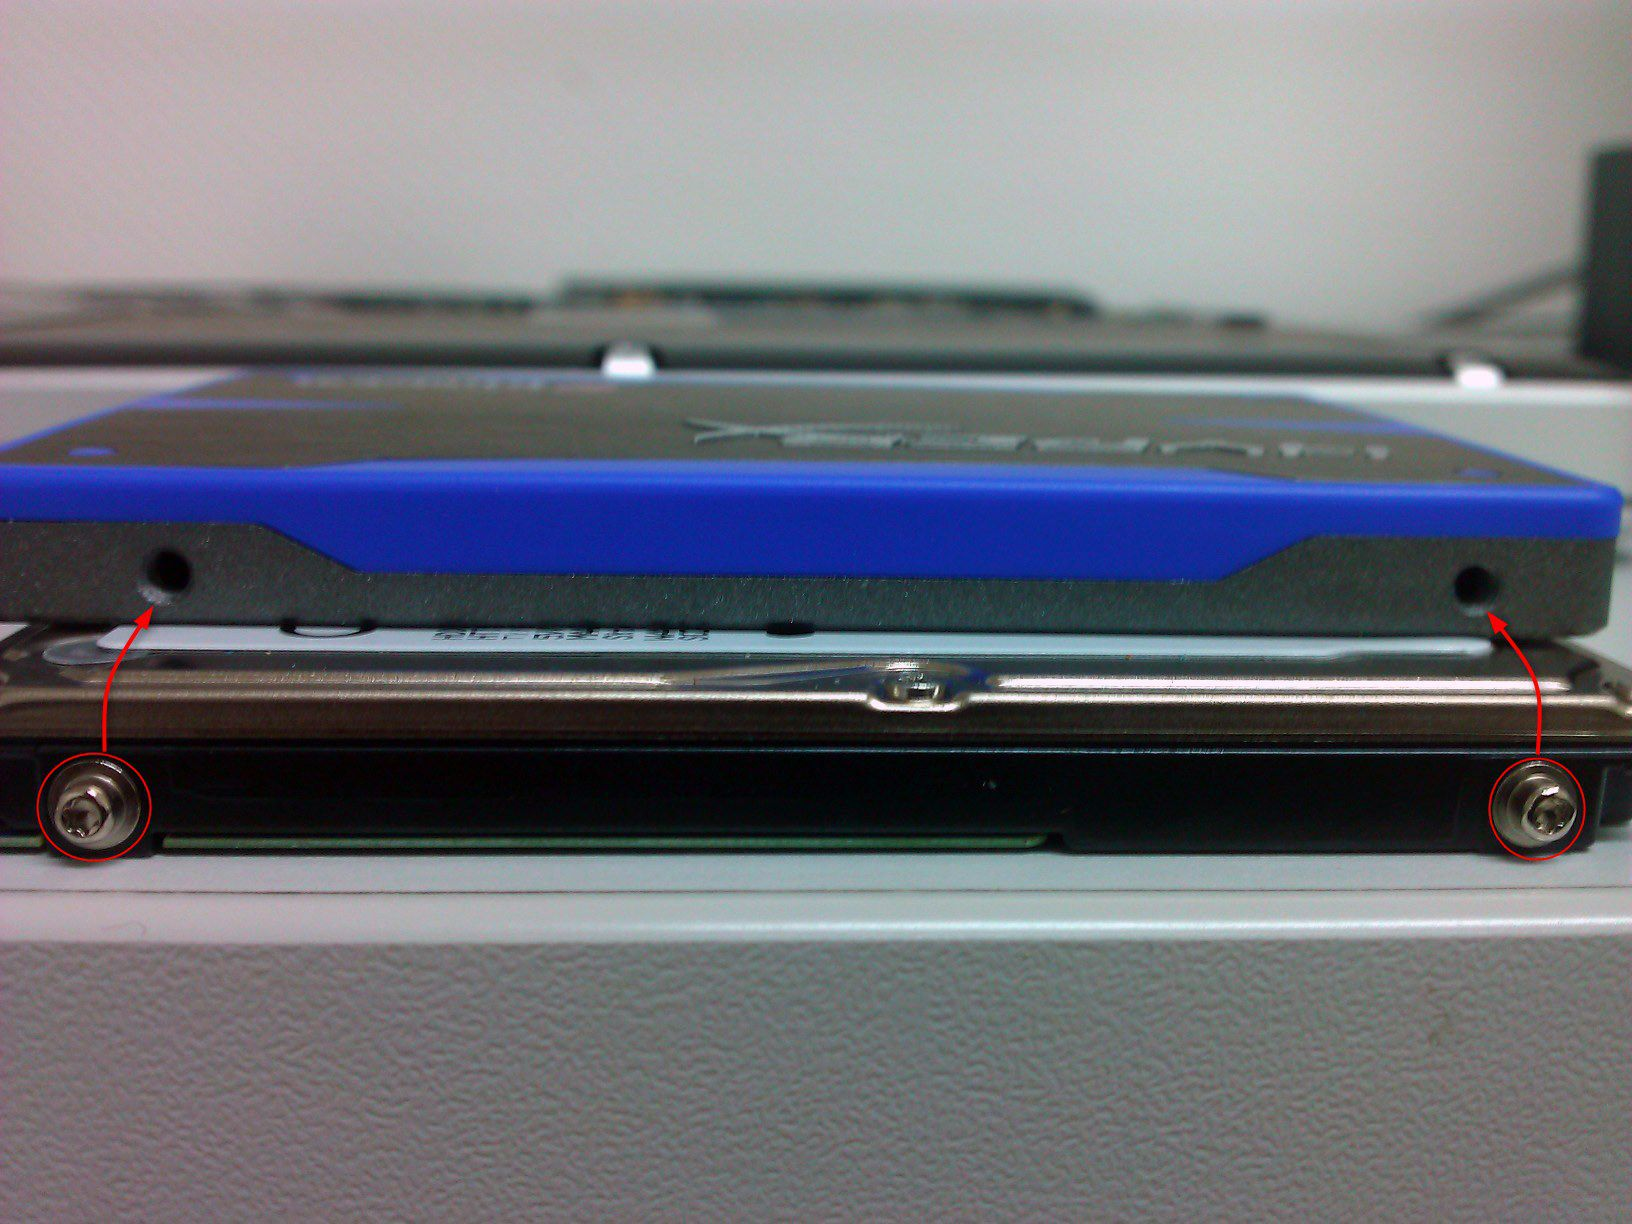 07-So-gehts-MacBook-Pro-mit-SSD-nachruesten-Torx-Schrauben-umziehen-470.jpg?nocache=1318607539944